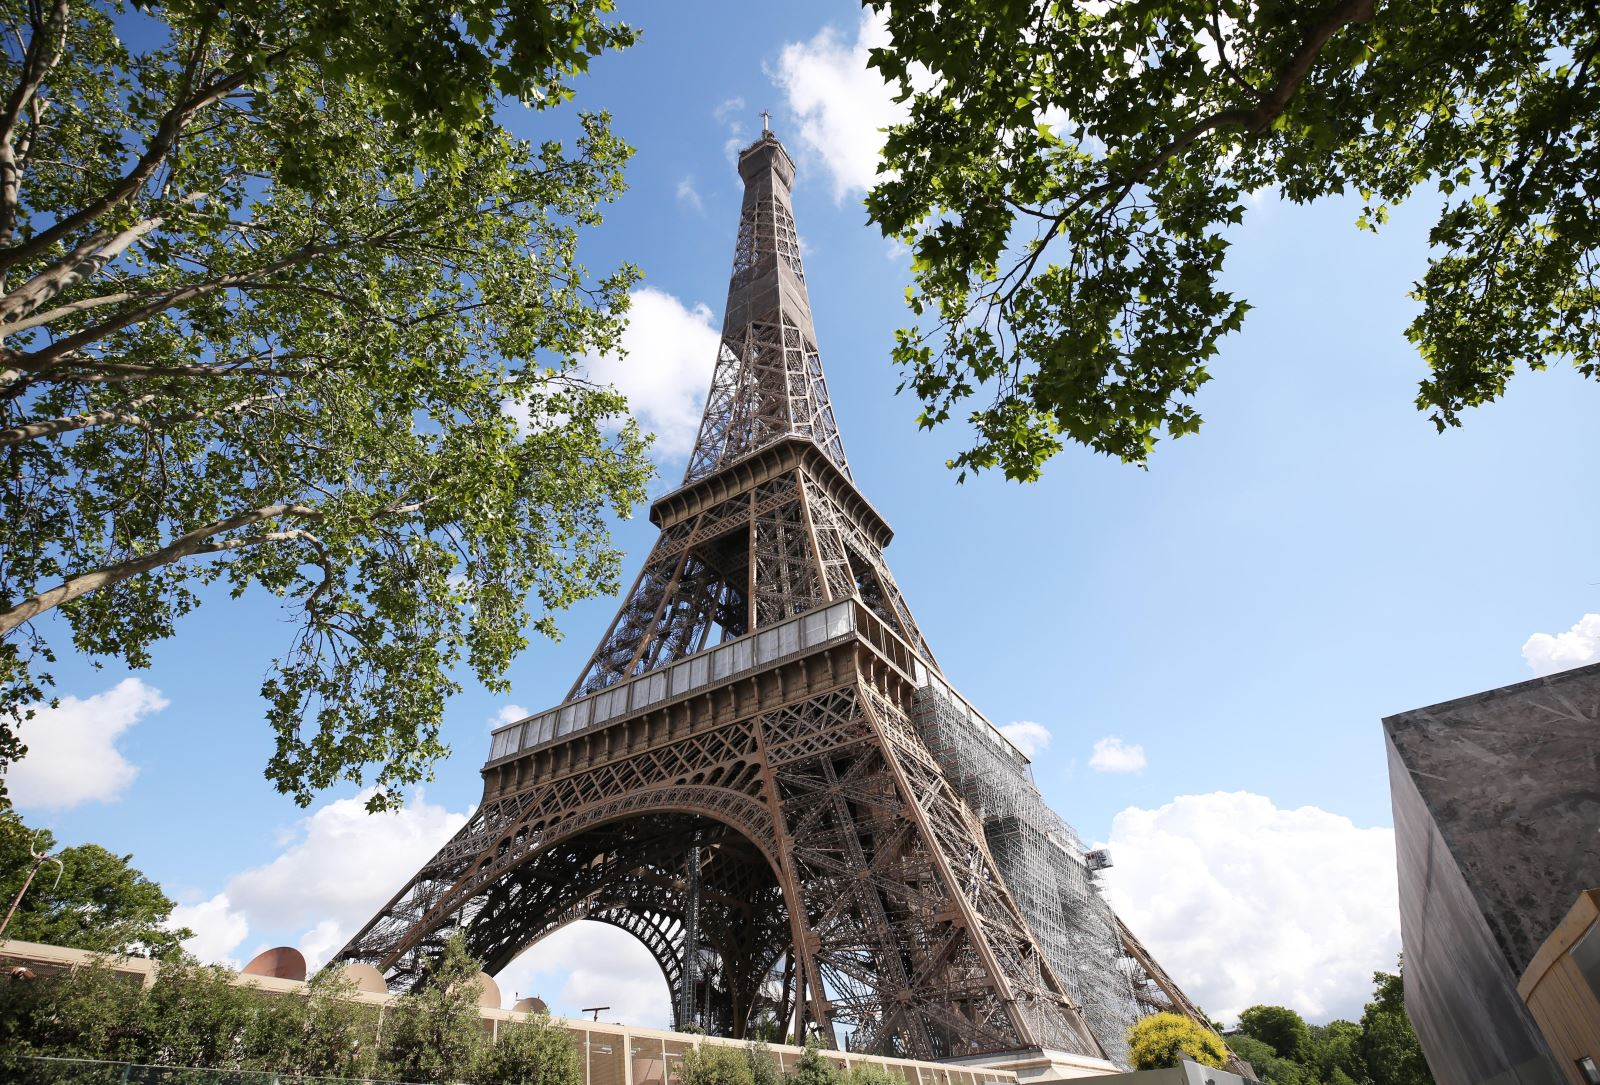 Tháp Eiffel tại thủ đô Paris, Pháp ngày 18-6-2020. Ảnh: THX/ TTXVN